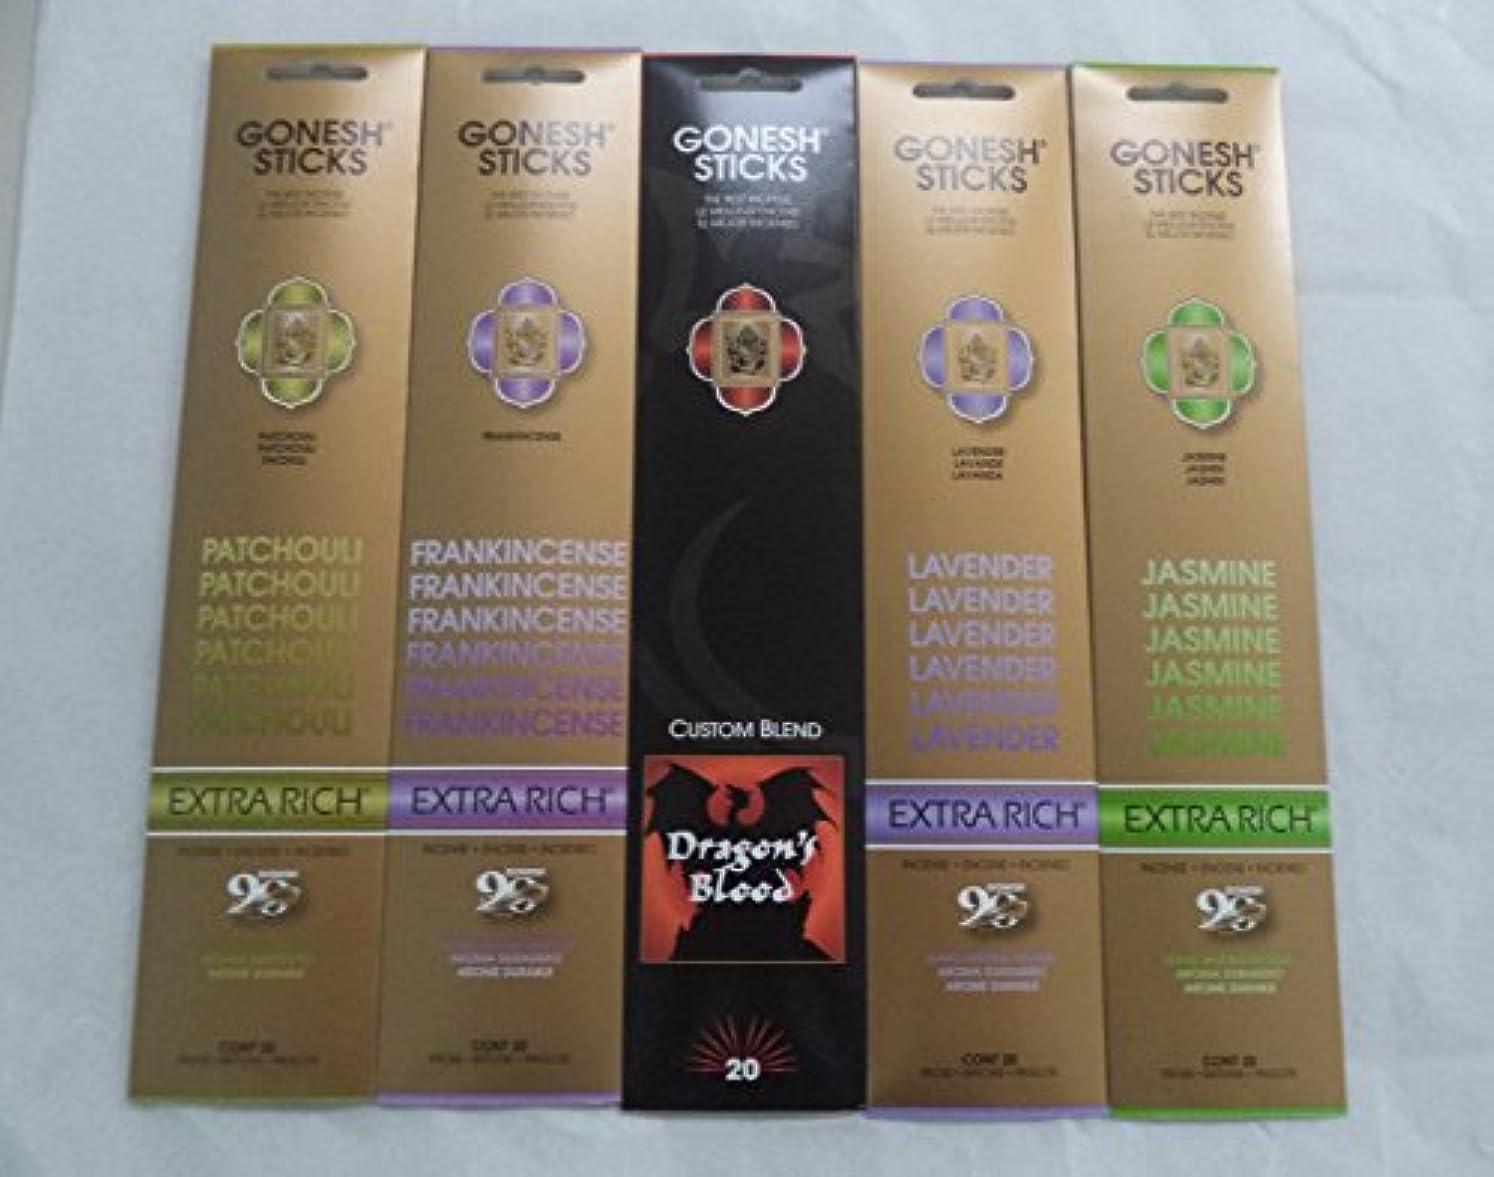 研究所泥だらけ一時停止Gonesh Incense Stick Best SellerコンボVariety Set # 1 5 x 20 = 100 Sticks